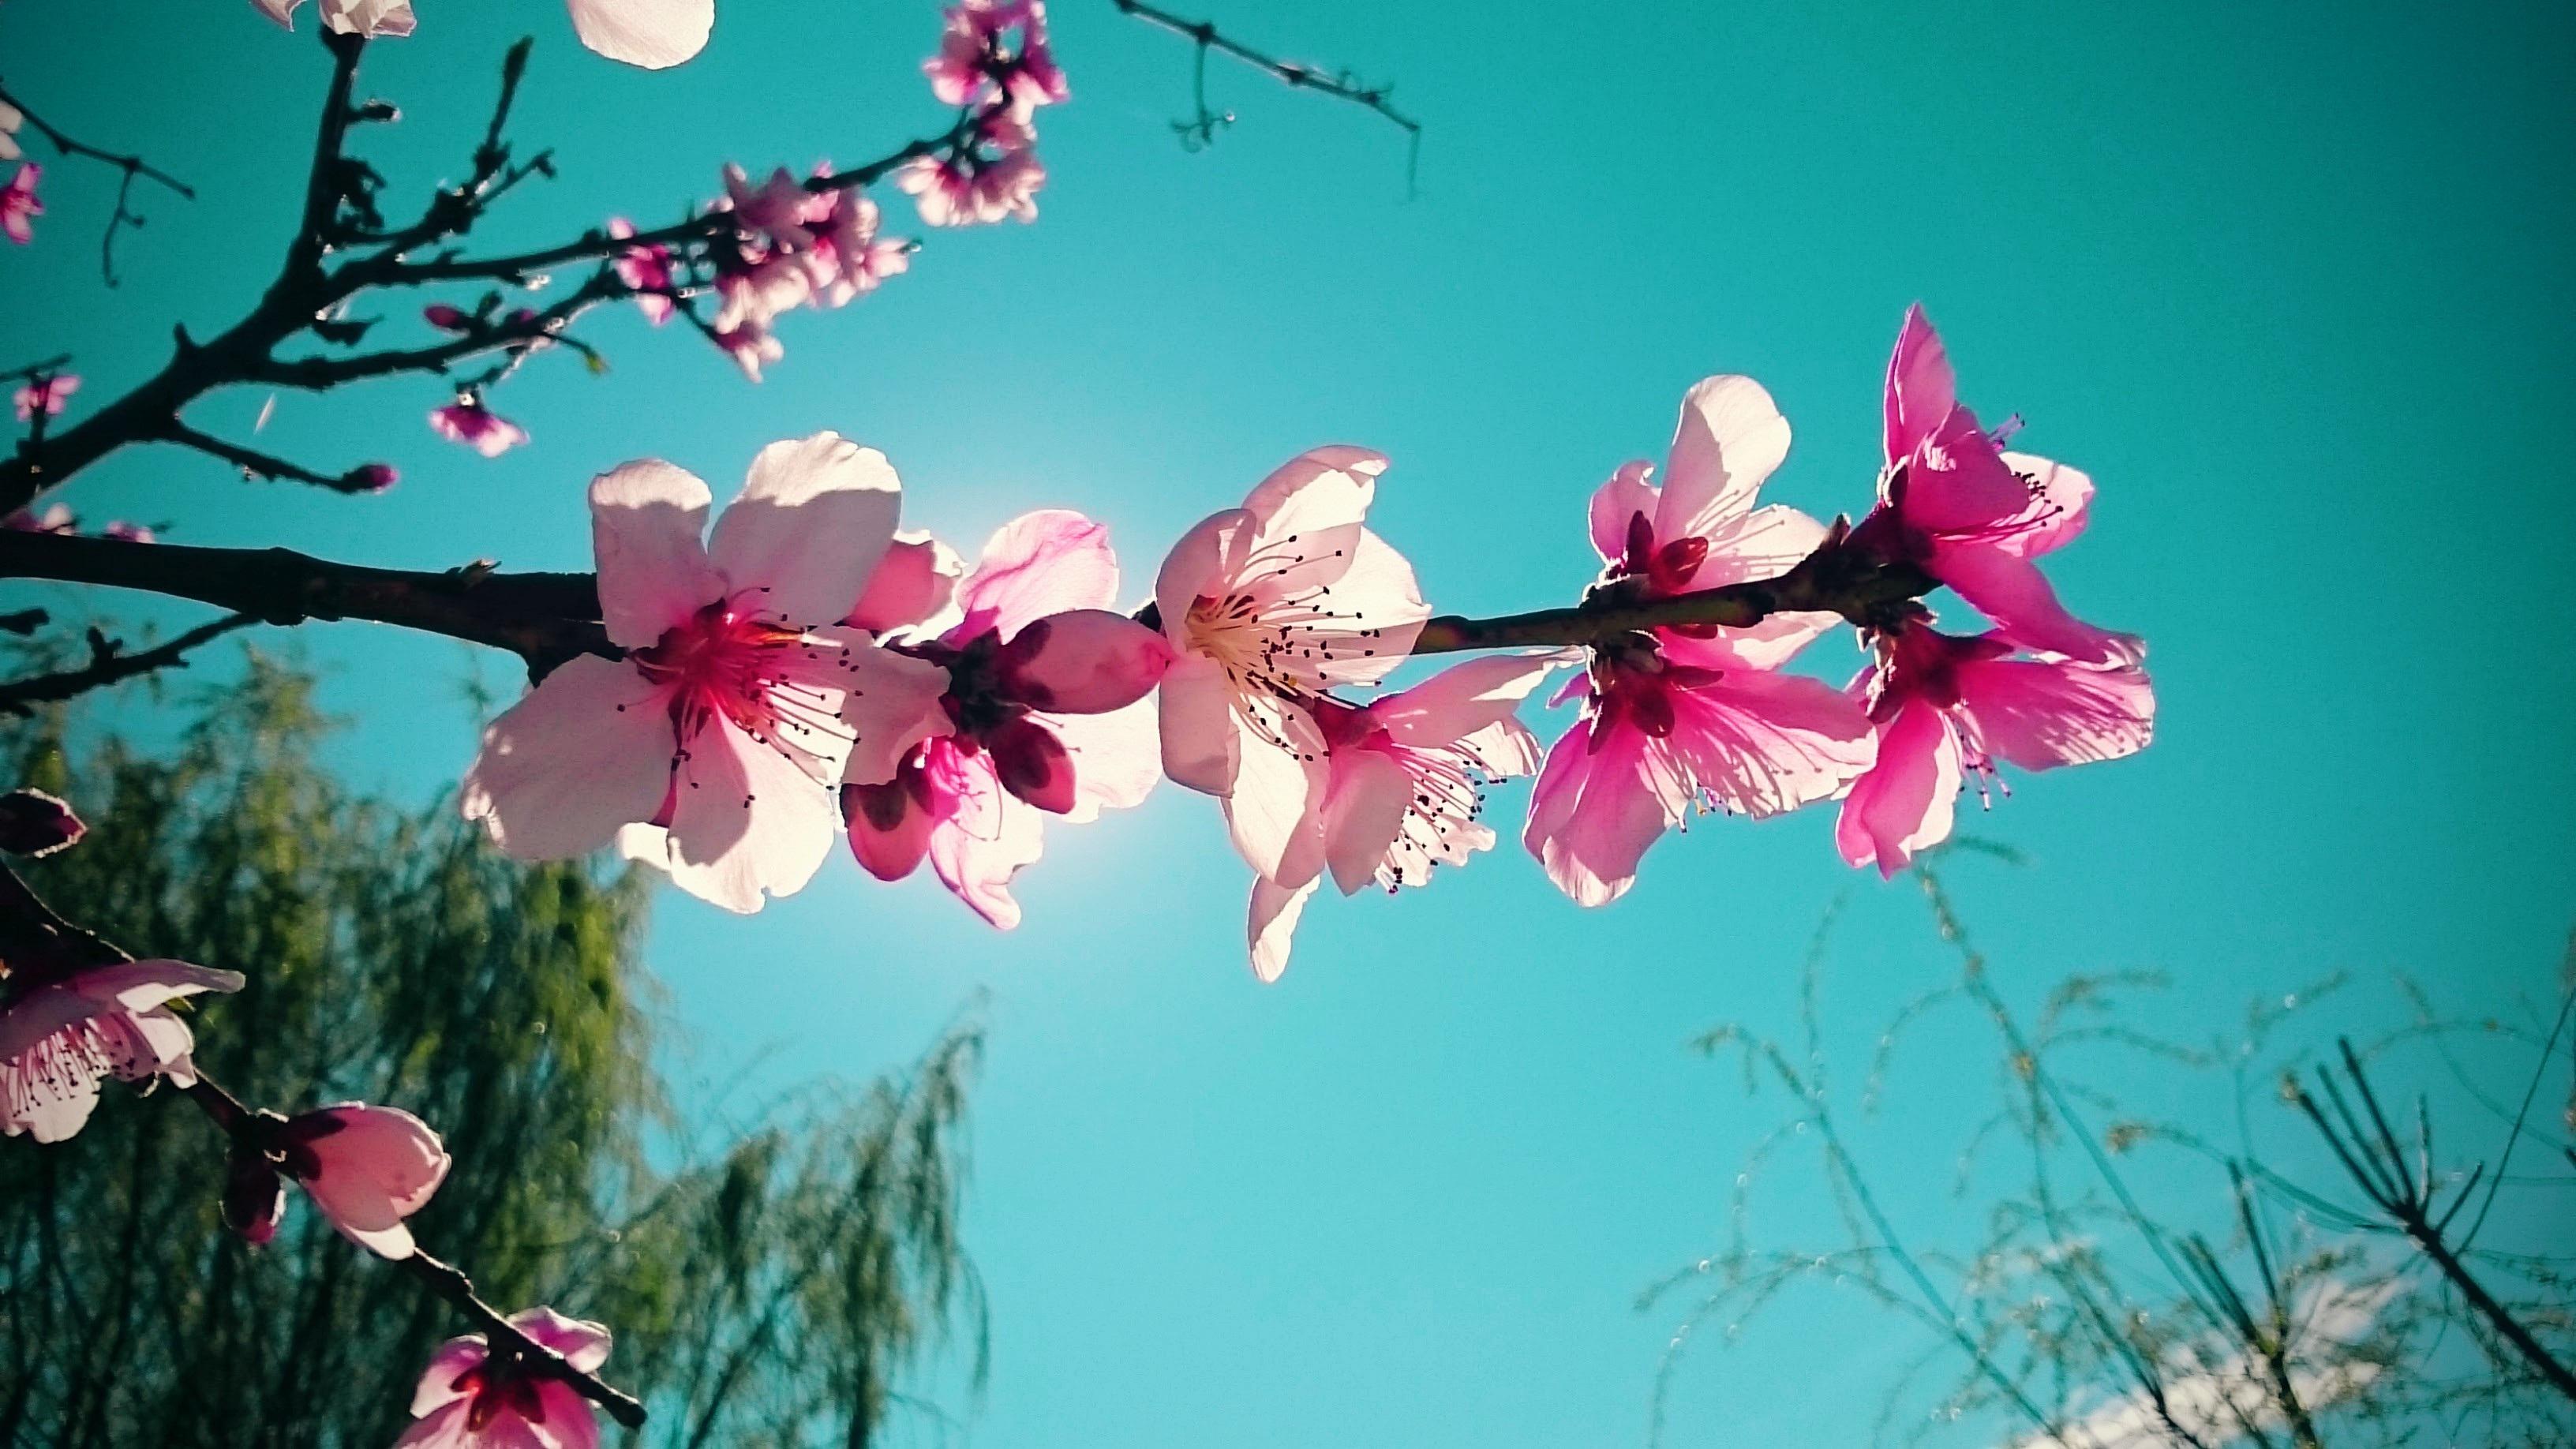 alam cabang mekar menanam bunga daun bunga musim semi kebebasan berwarna merah muda flora bunga sakura